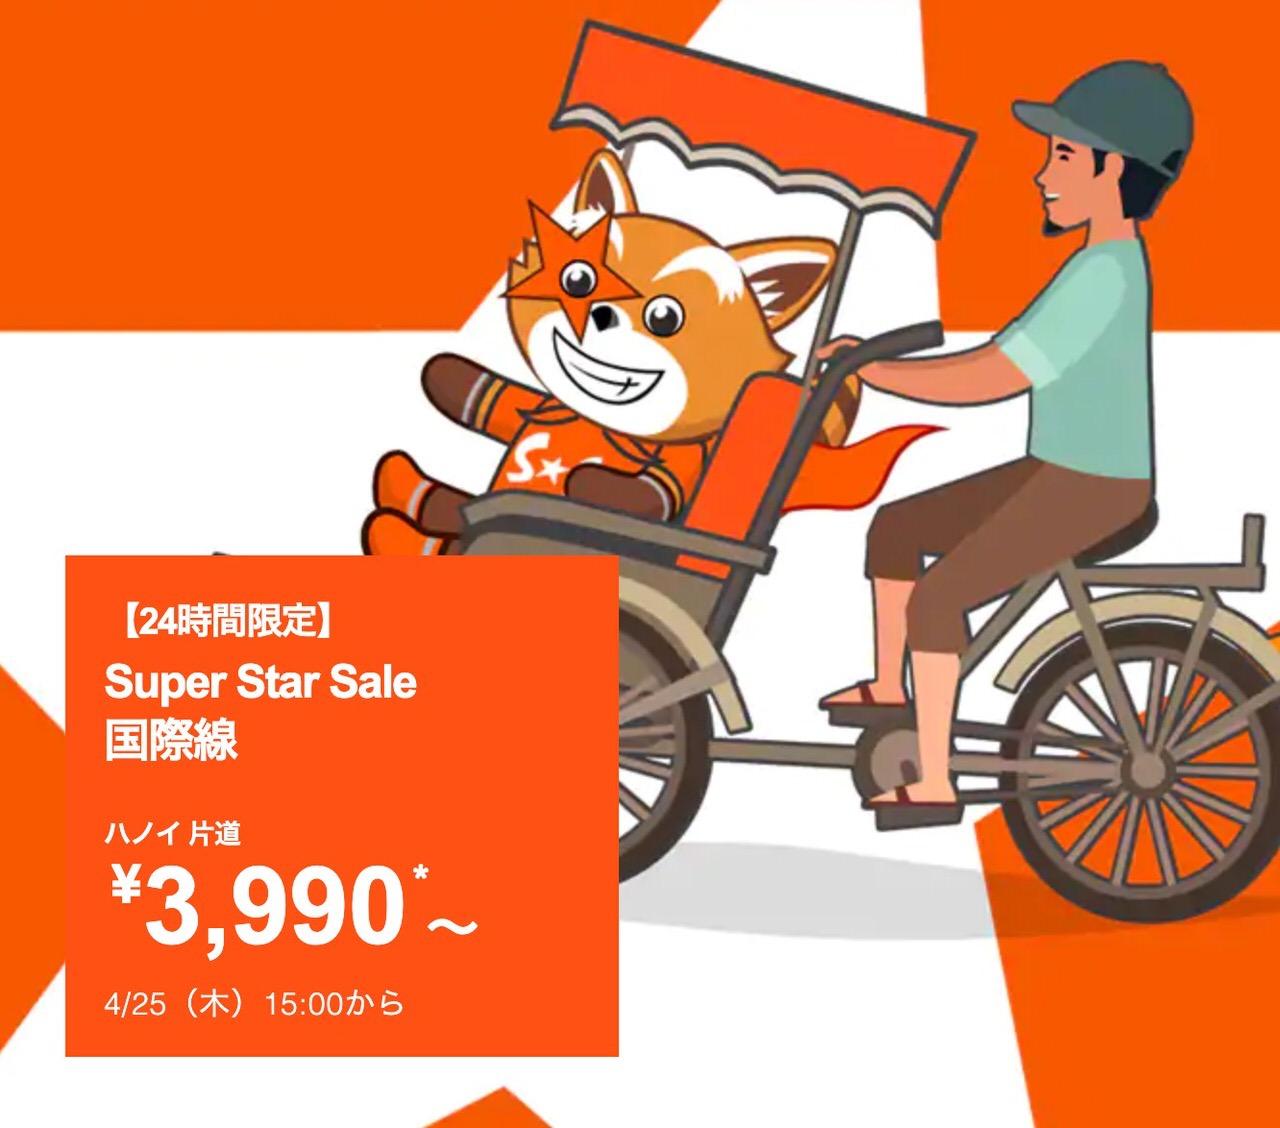 【ジェットスター】大阪→ハノイが3,990円!ベトナム便が対象の「24時間限定!Super Star Sale」開催中(4/26まで)